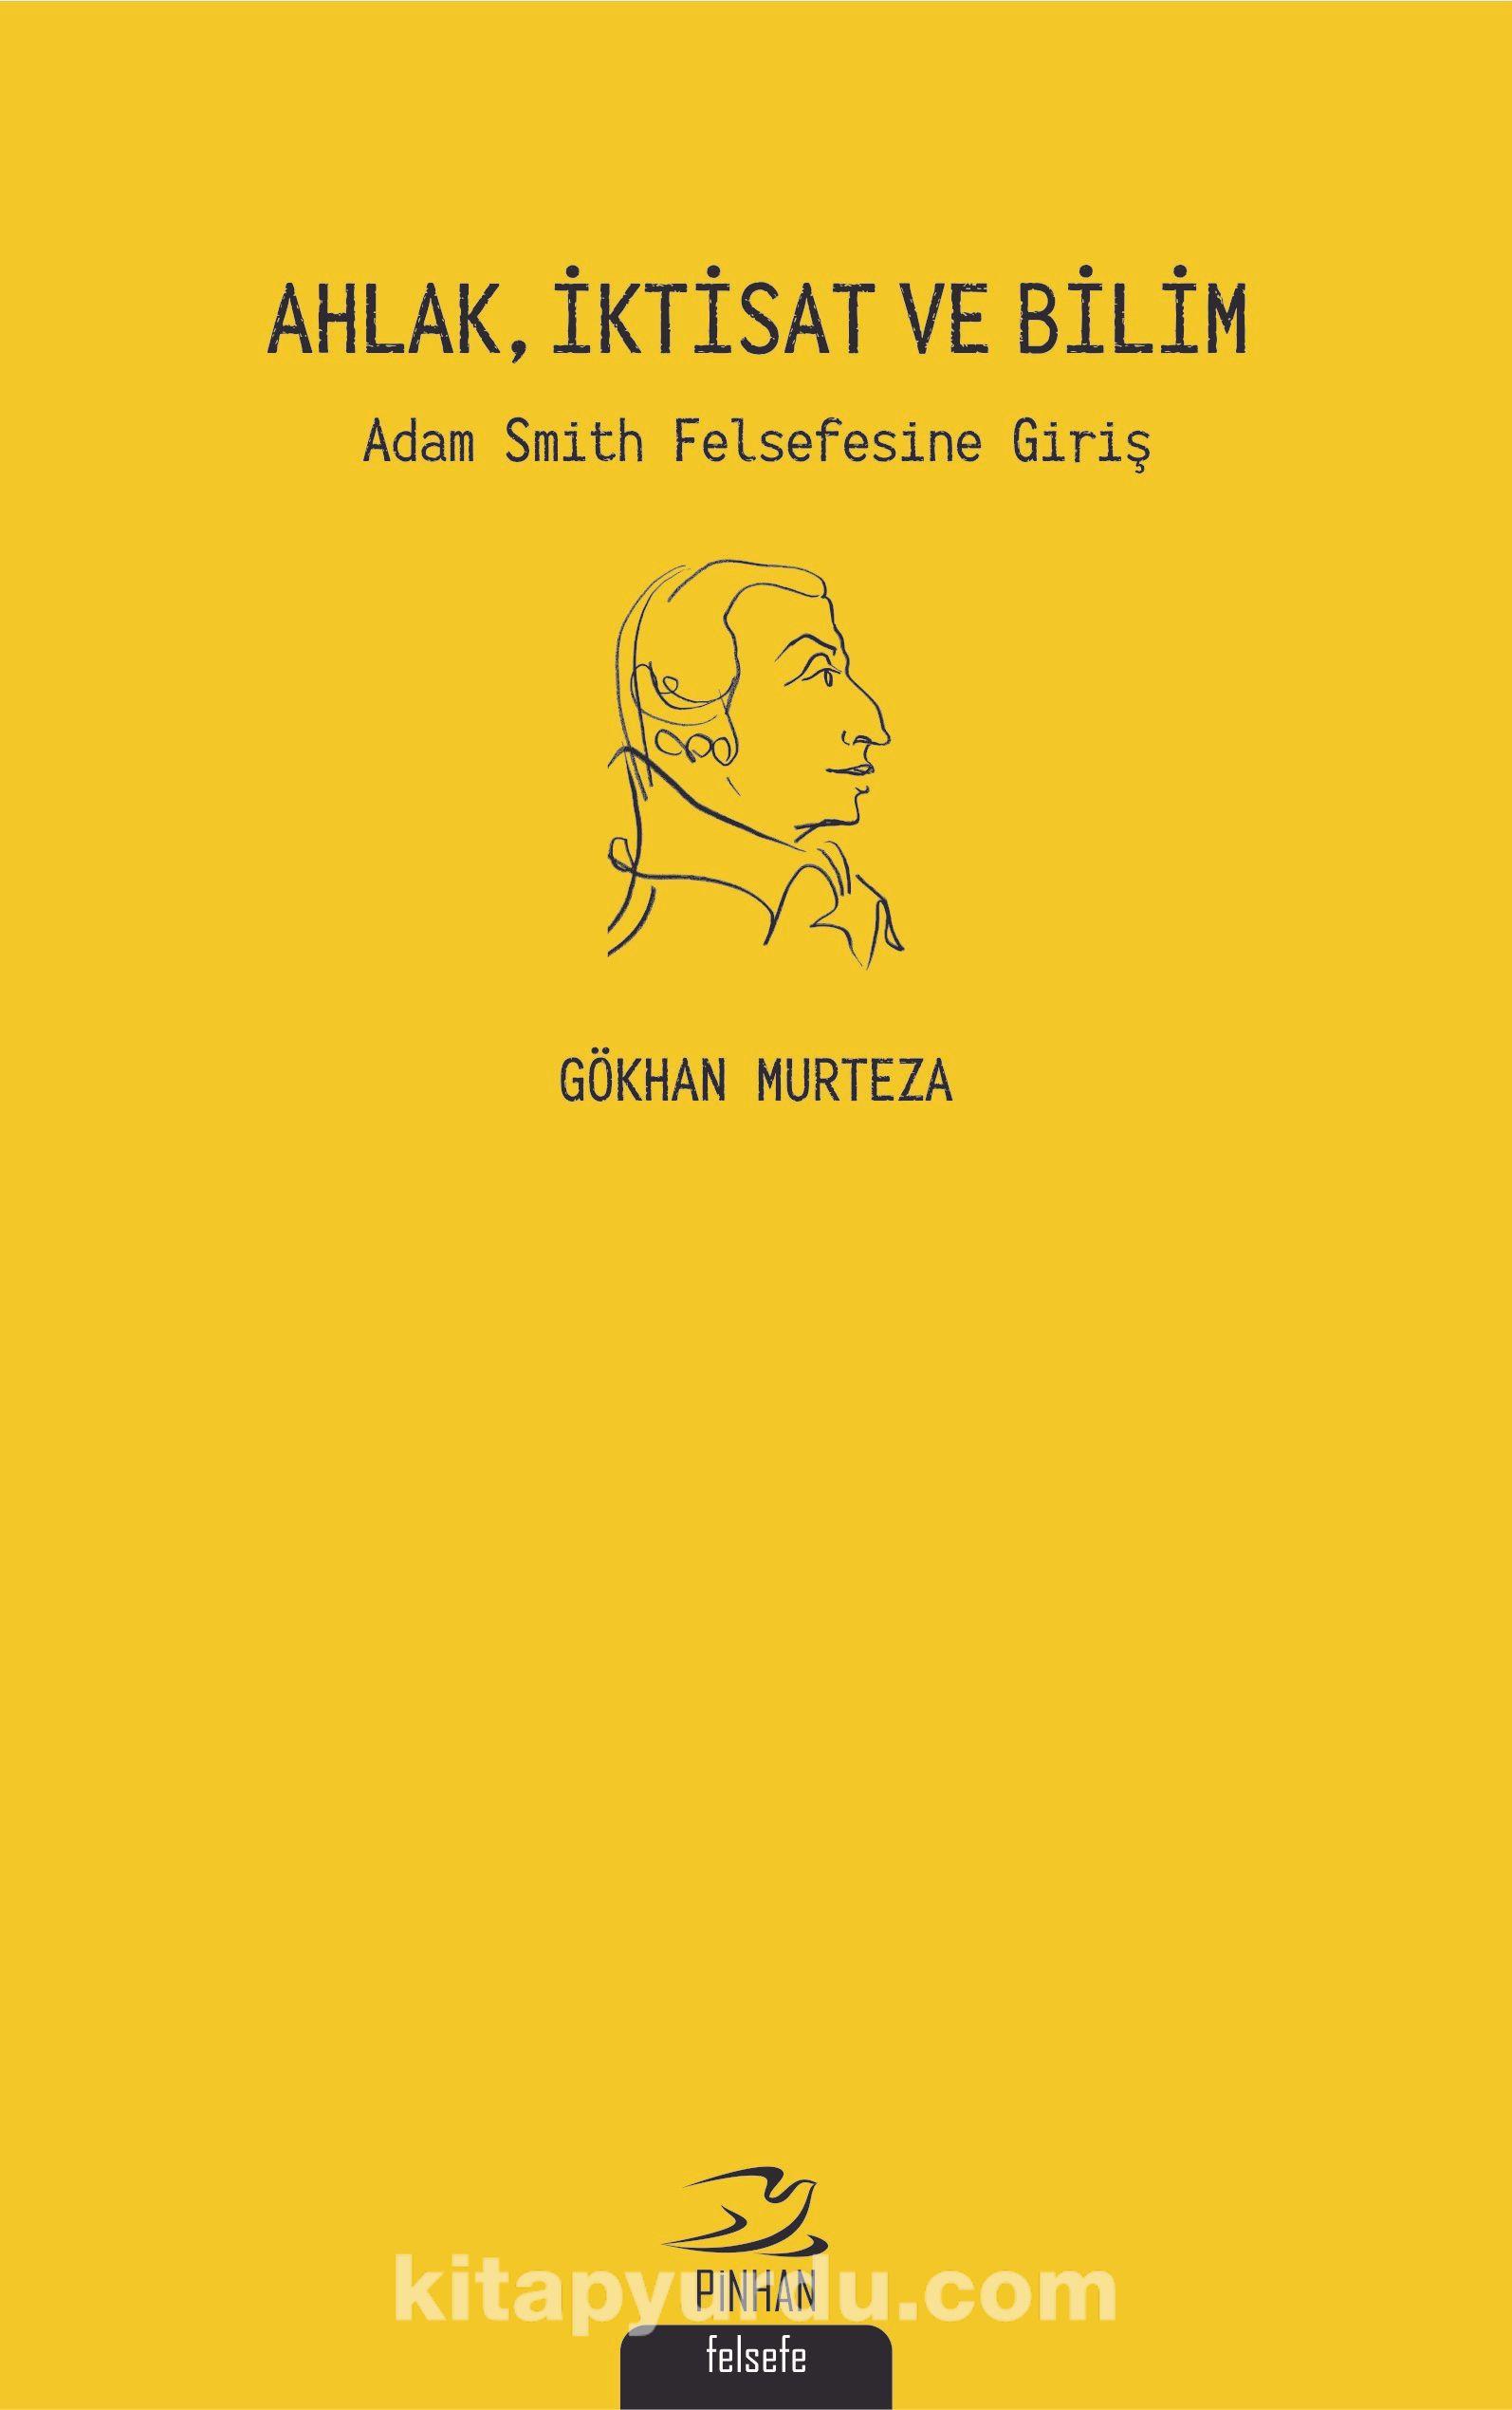 Ahlak, İktisat ve BilimAdam Smith Felsefesine Giriş - Gökhan Murteza pdf epub